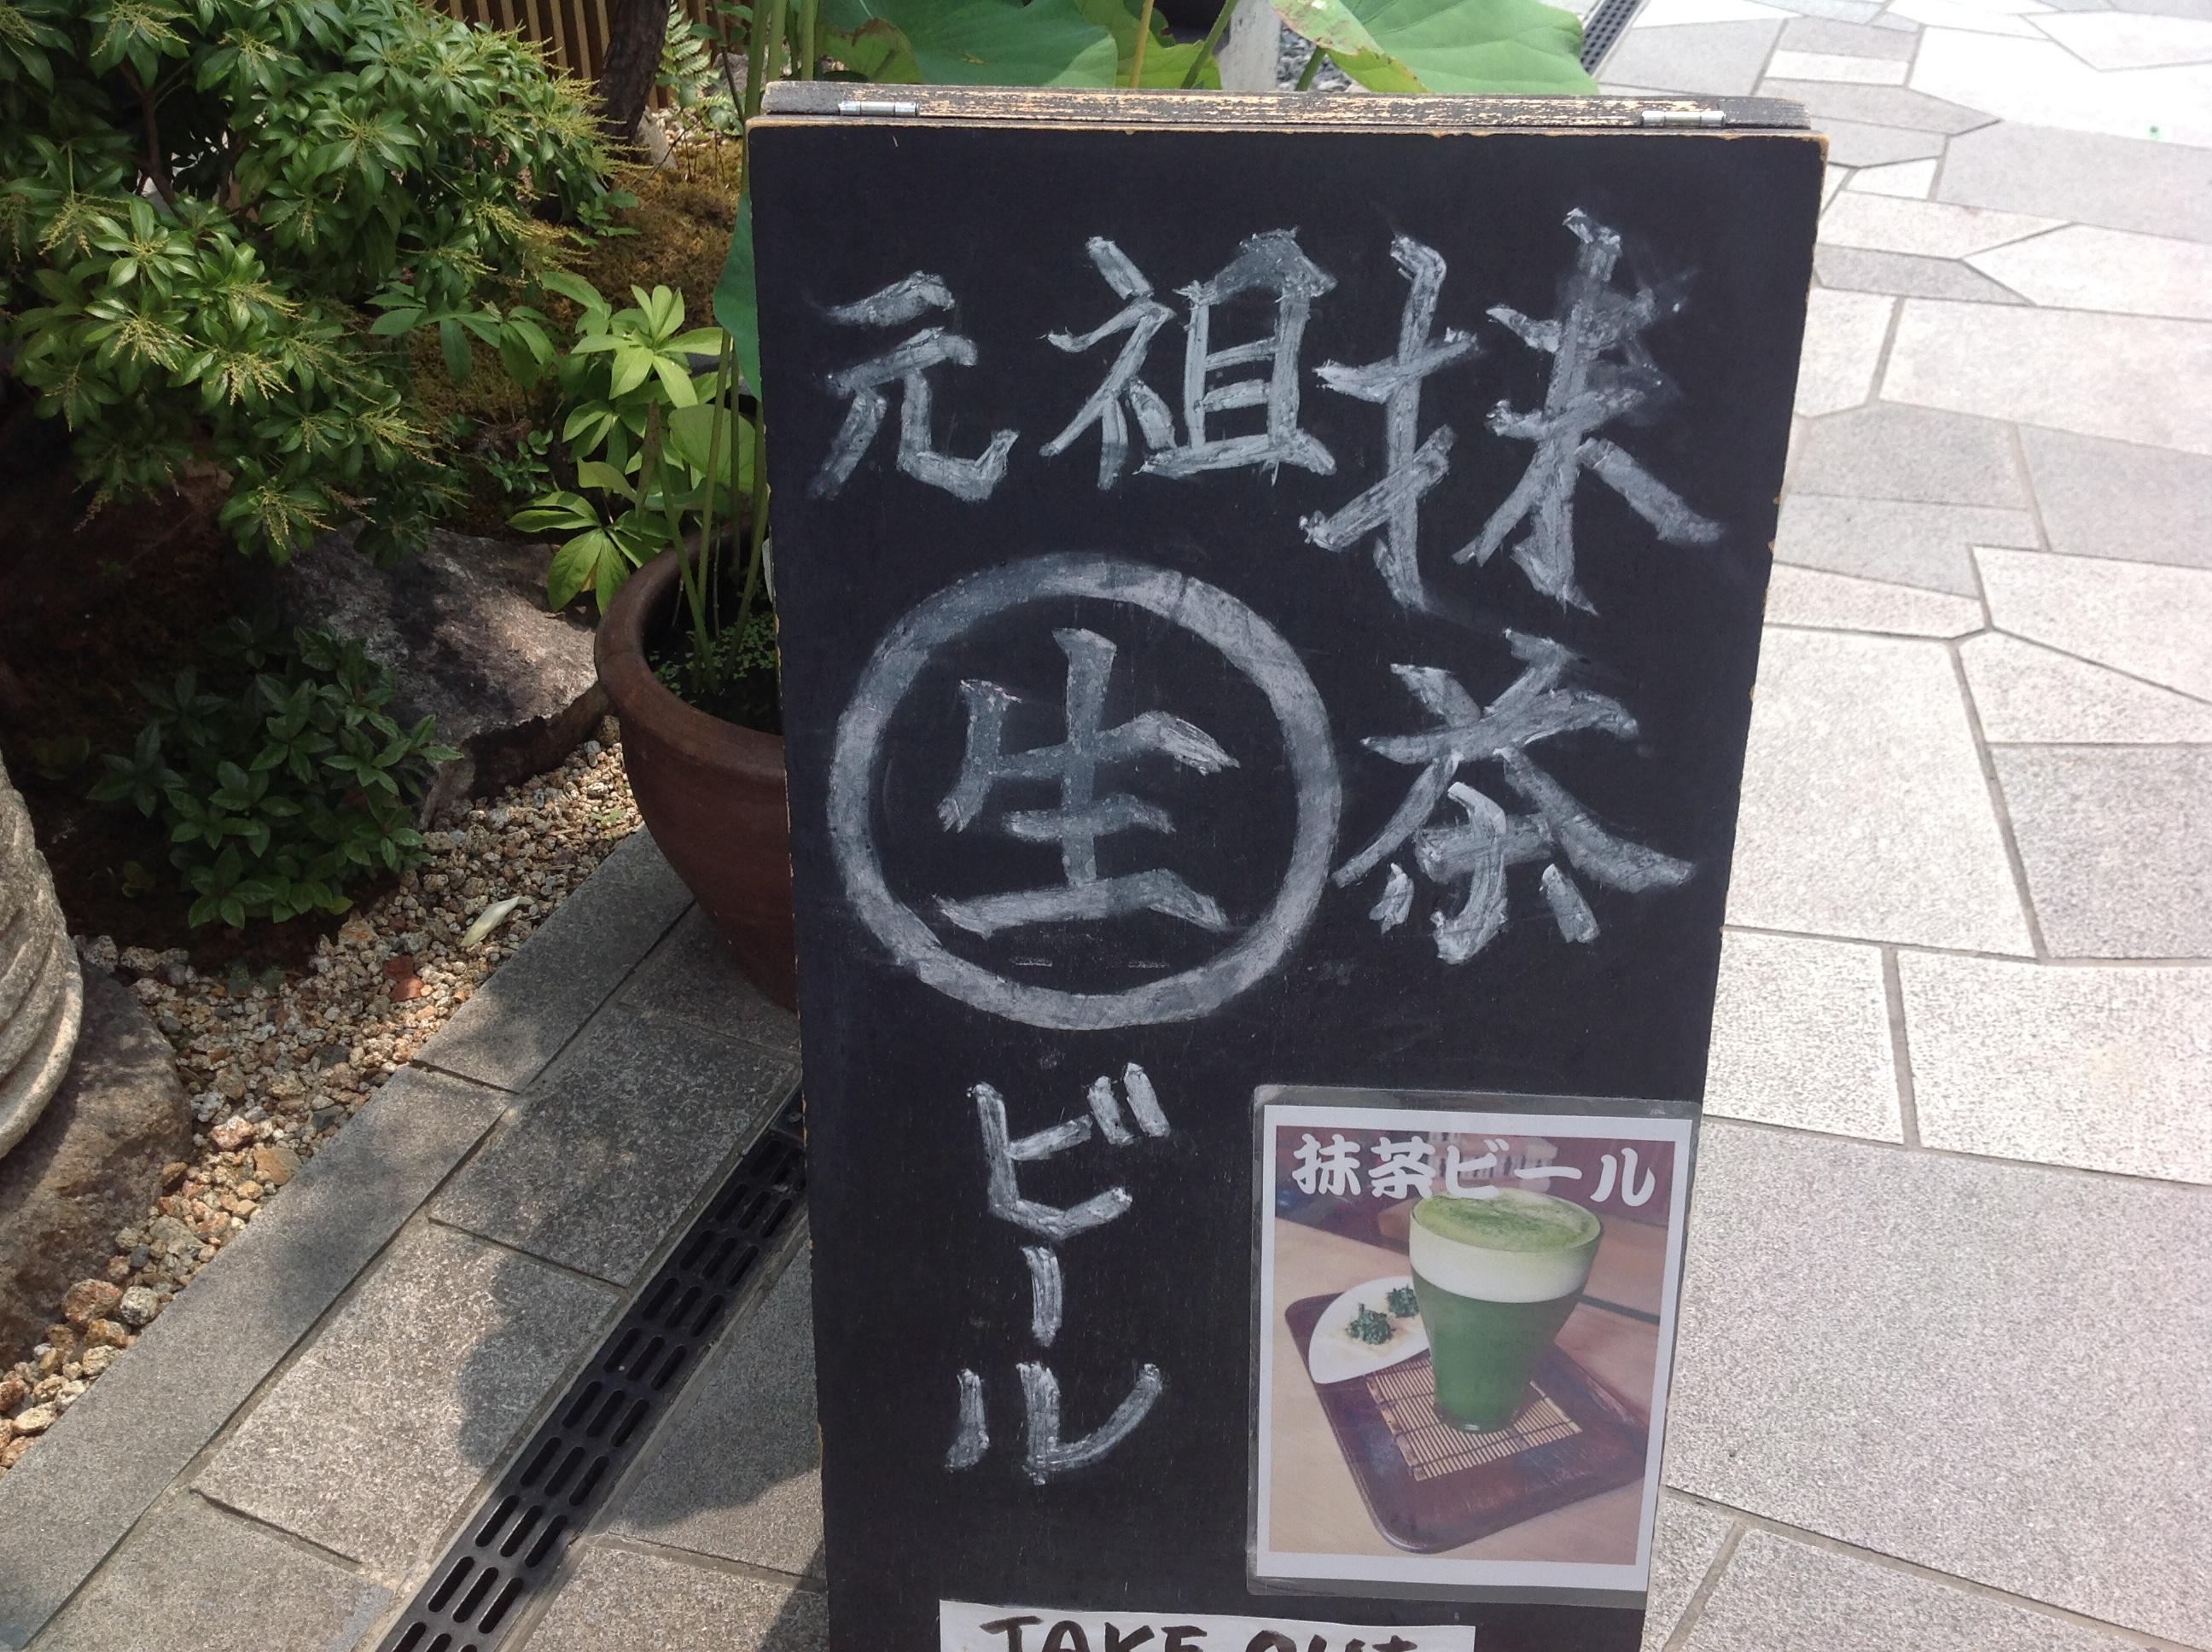 京都出張 その7 宇治